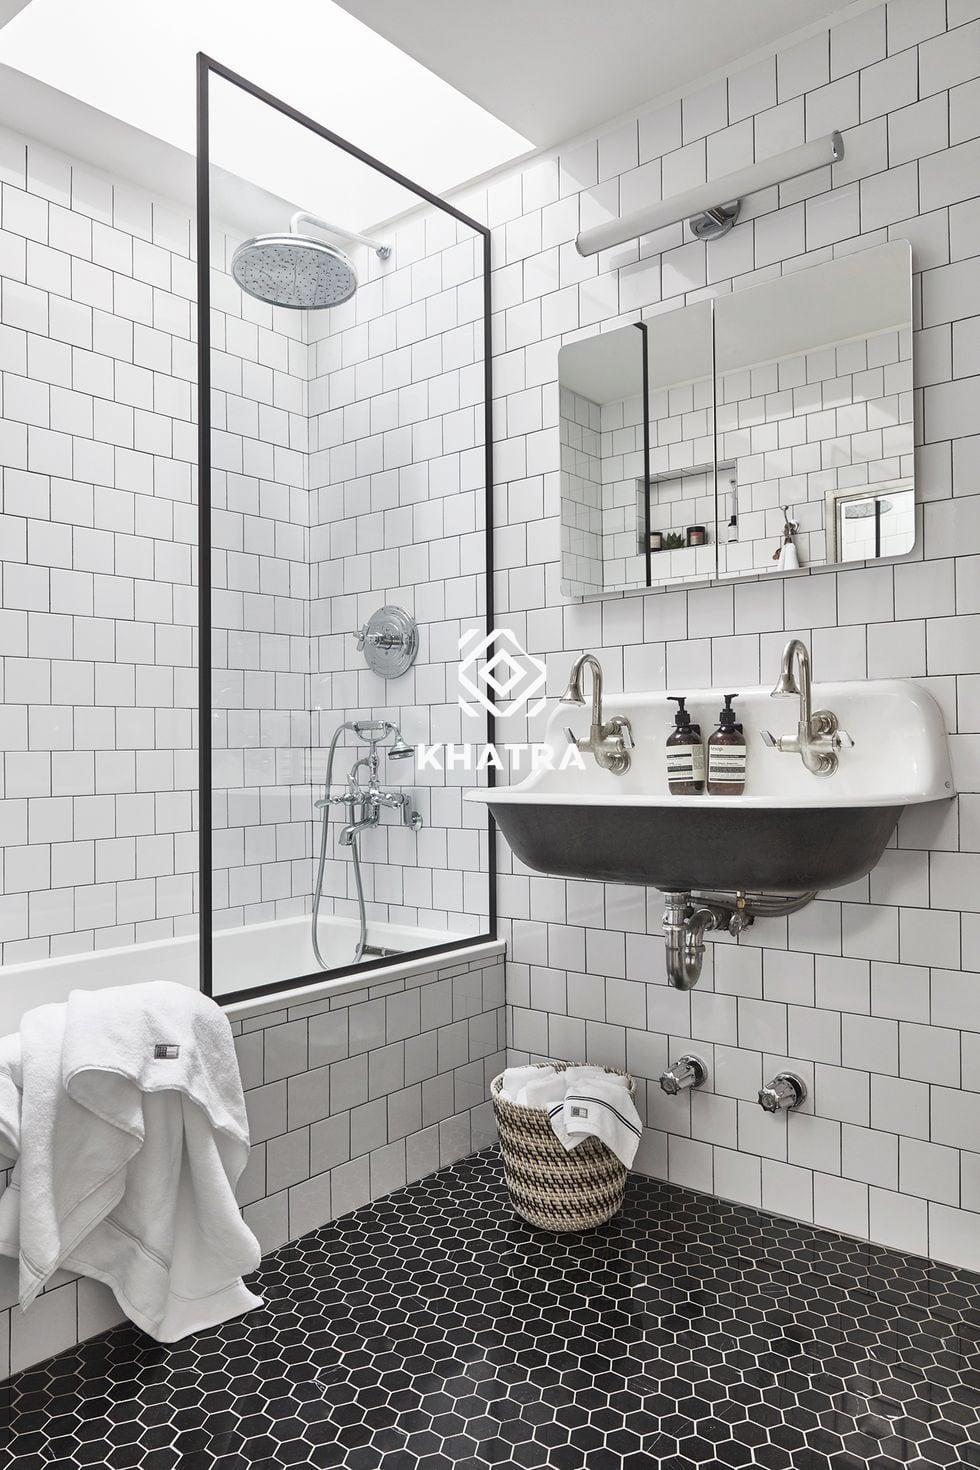 Gạch thẻ trắng 75x150 ốp tường nhà tắm